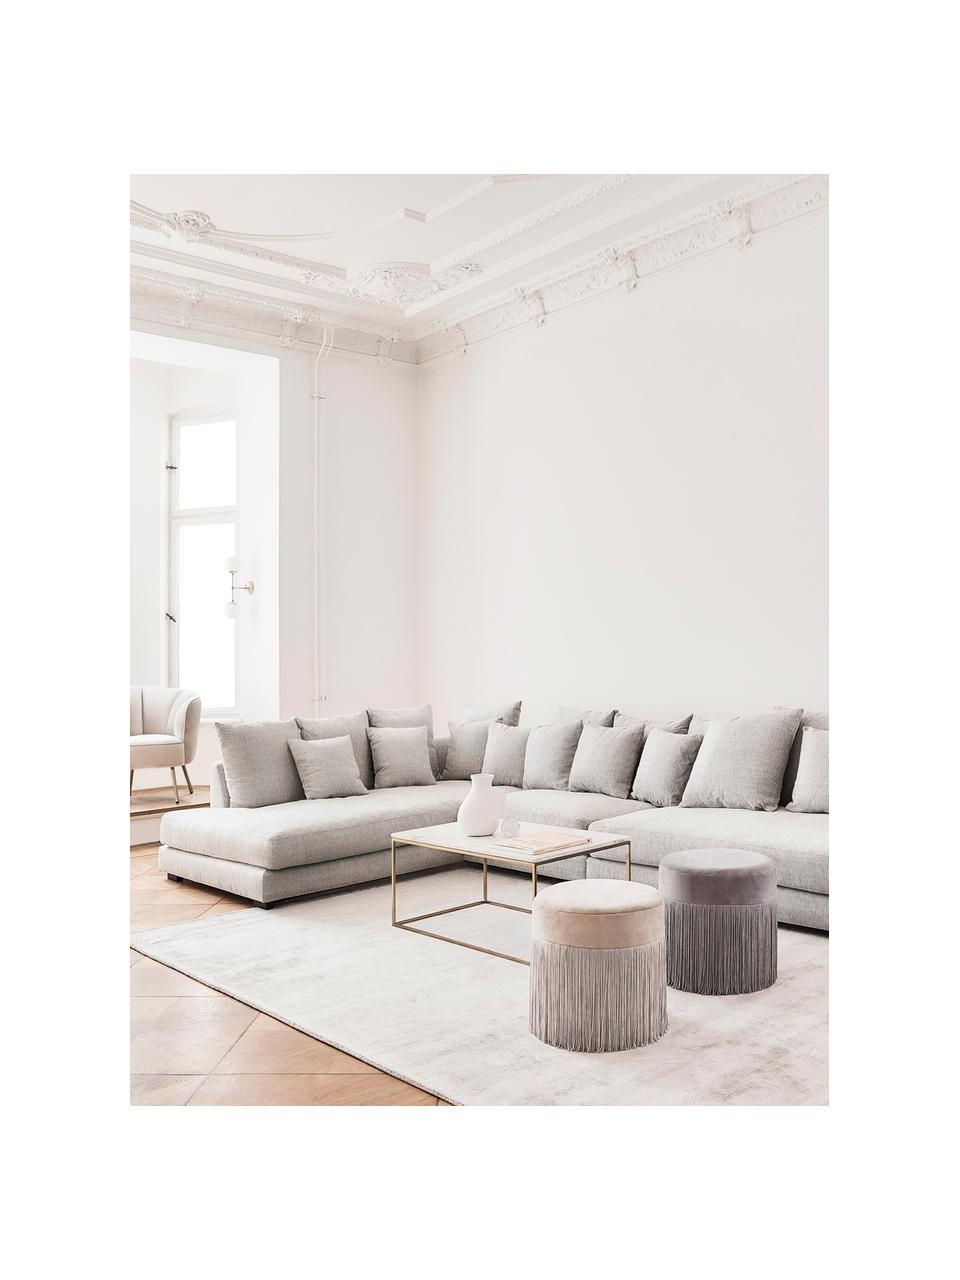 Sofa narożna Tribeca, Tapicerka: poliester Dzięki tkaninie, Nogi: lite drewno bukowe, lakie, Beżowoszary, S 405 x G 228 cm